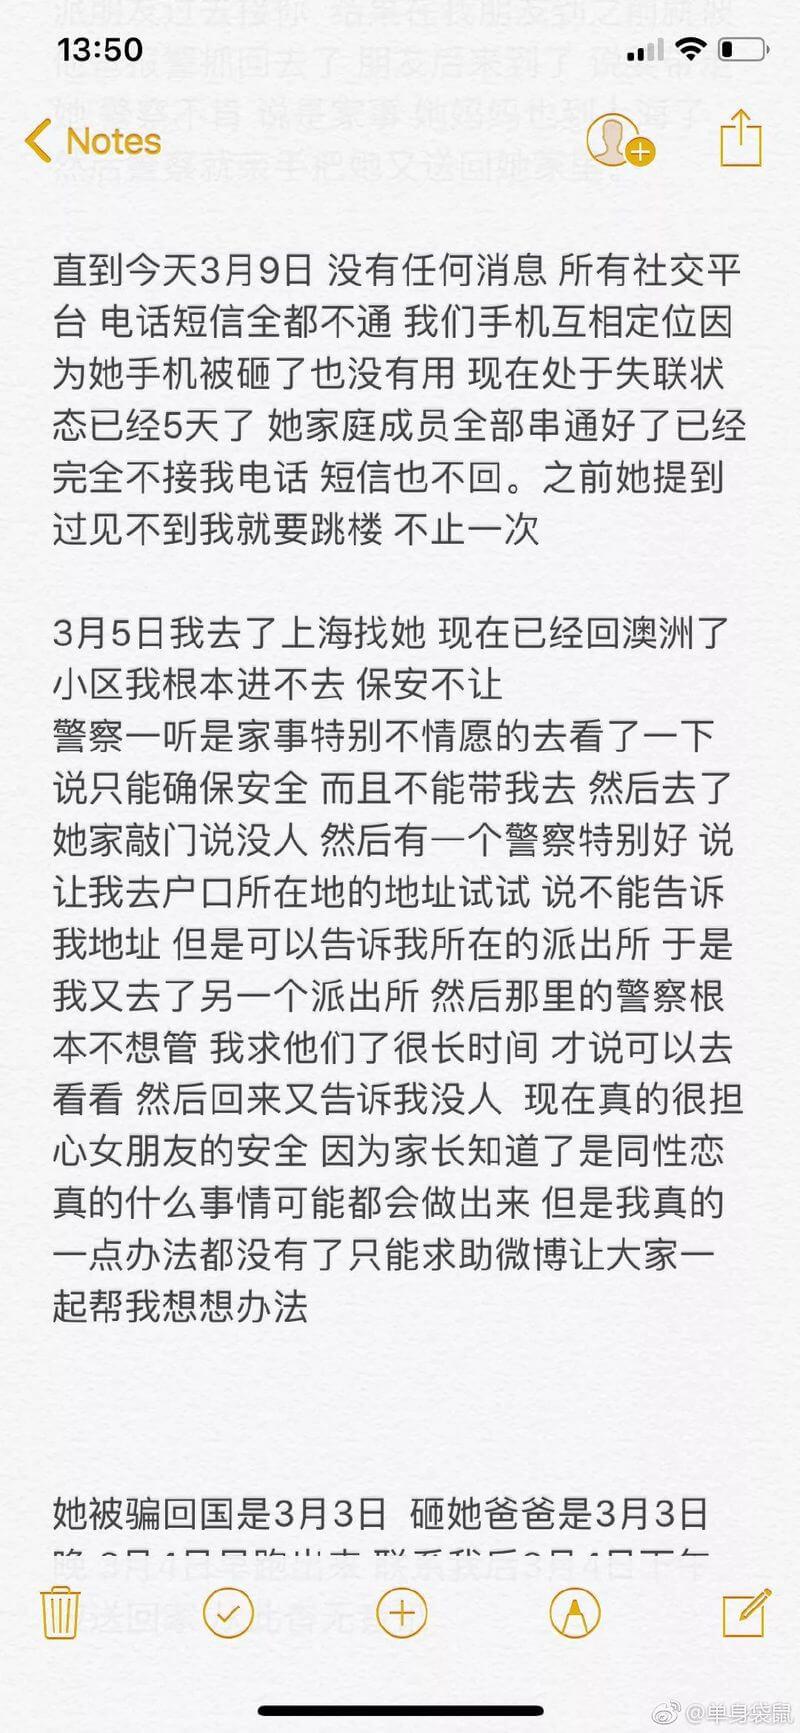 中国留学生因出柜被父母软禁,澳大利亚女友呼吁公众营救